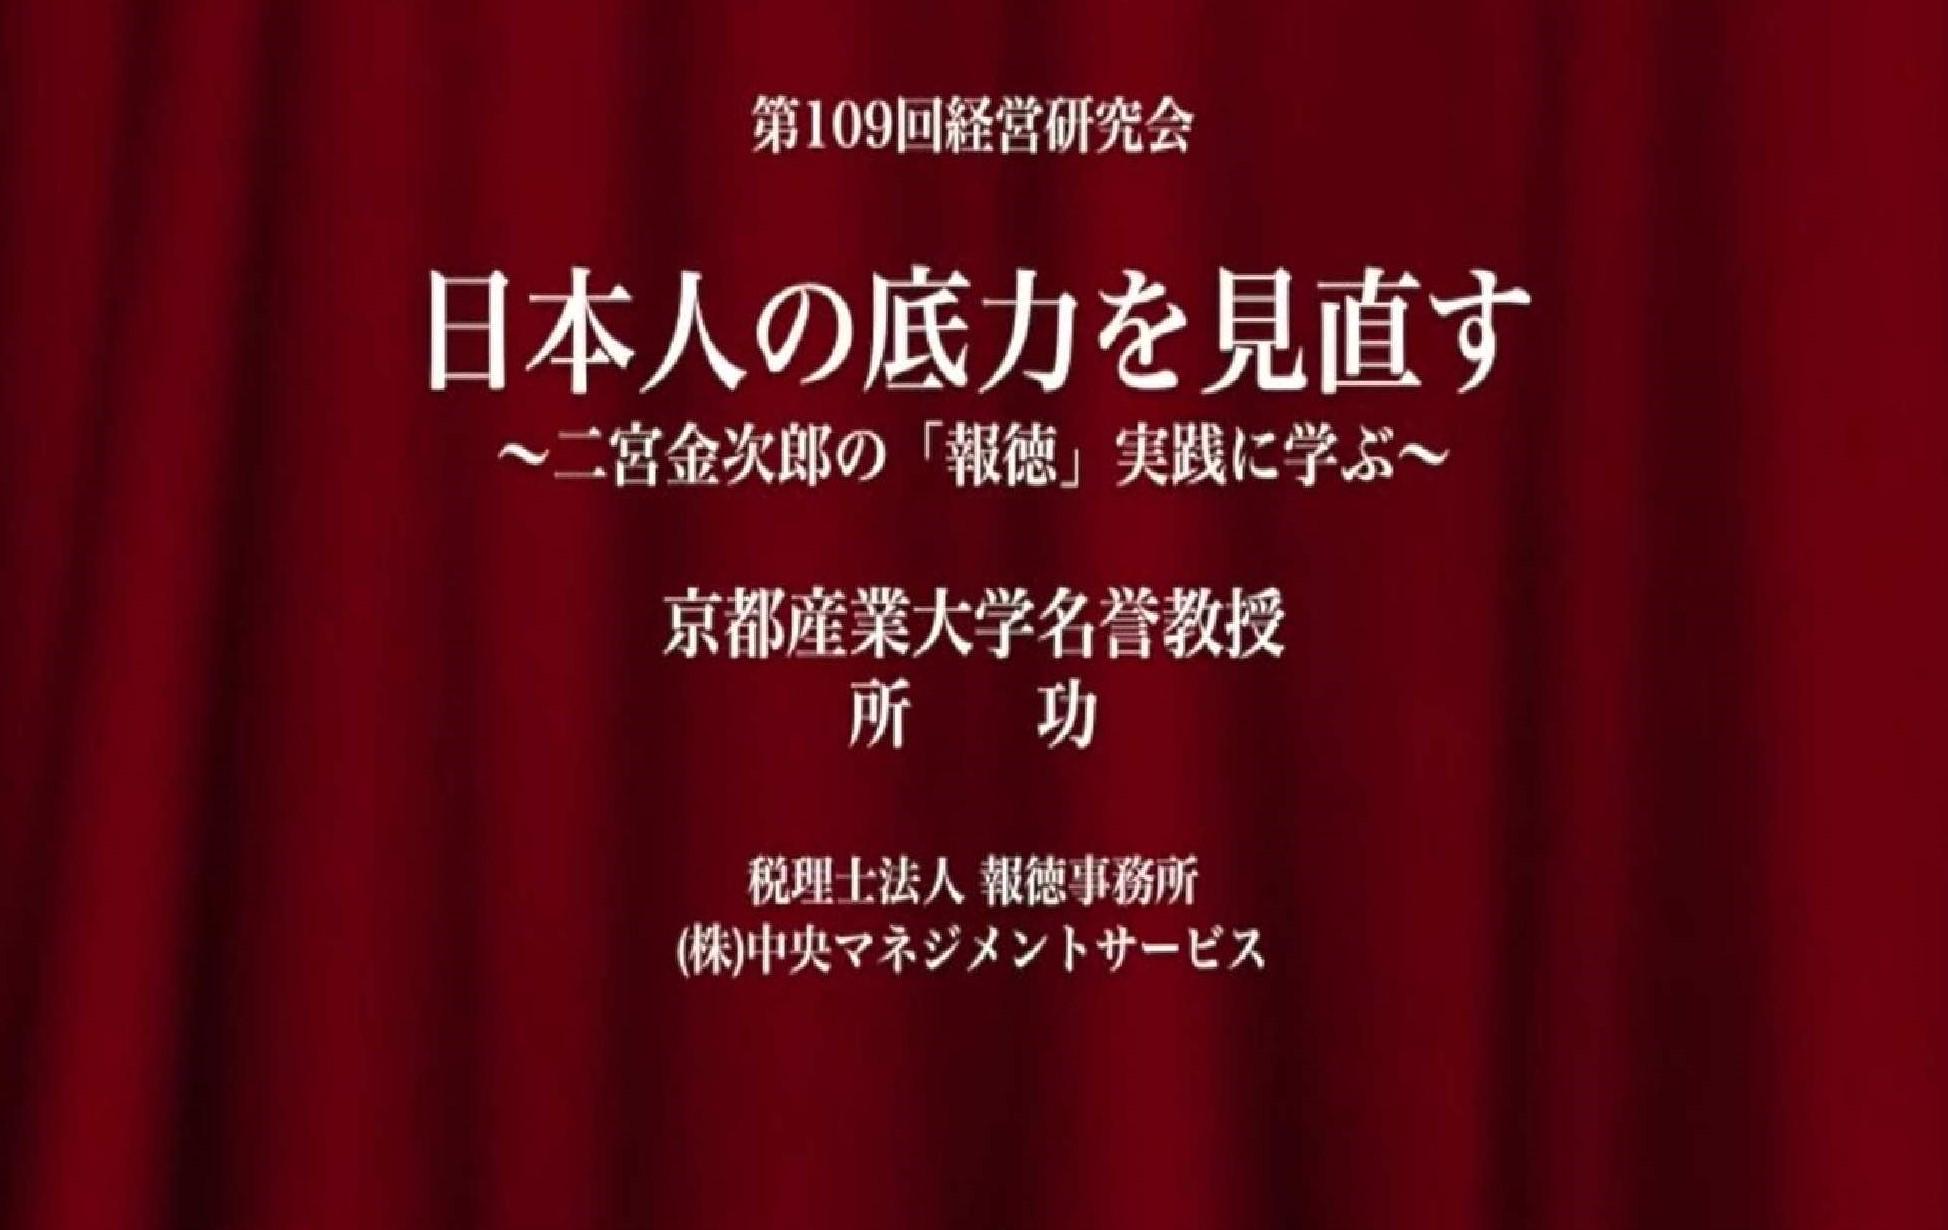 日本人の底力を見直す~二宮金次郎の「報徳」実践に学ぶ~